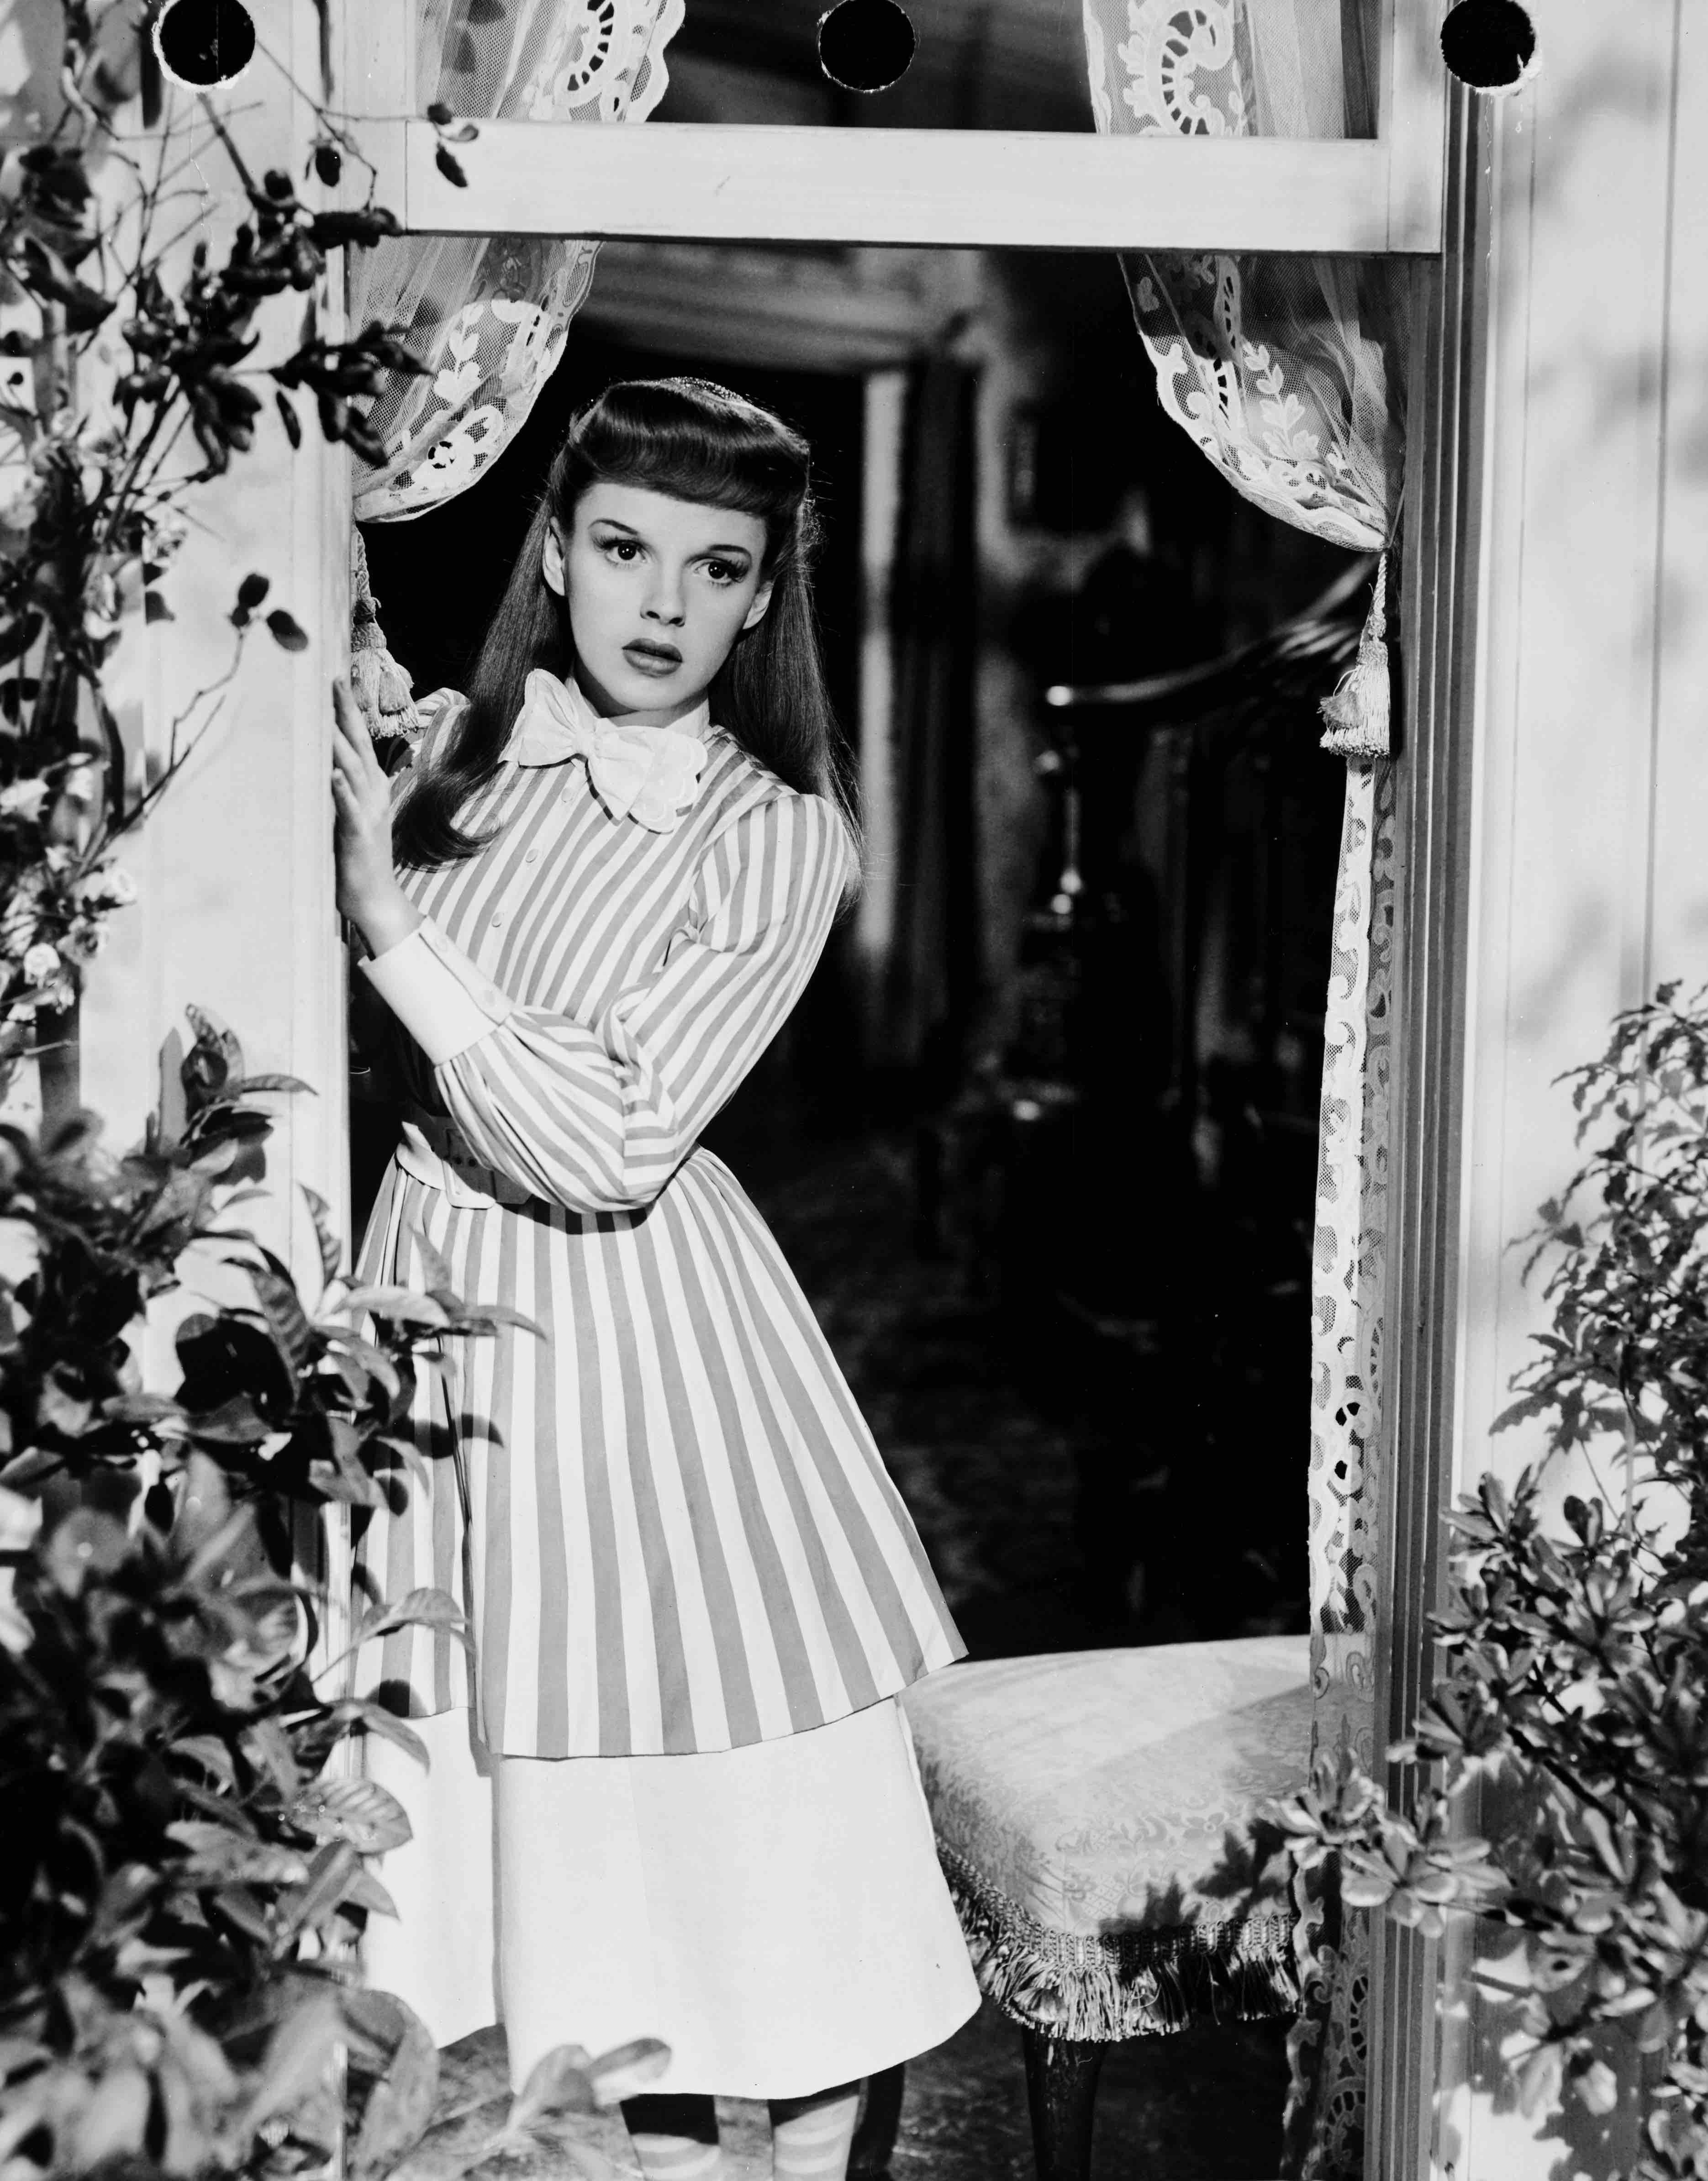 Πρεμιέρα «Judy» & Αφιέρωμα στο λαμπερό αστέρι της Judy Garland αποκλειστικά στη Nova!